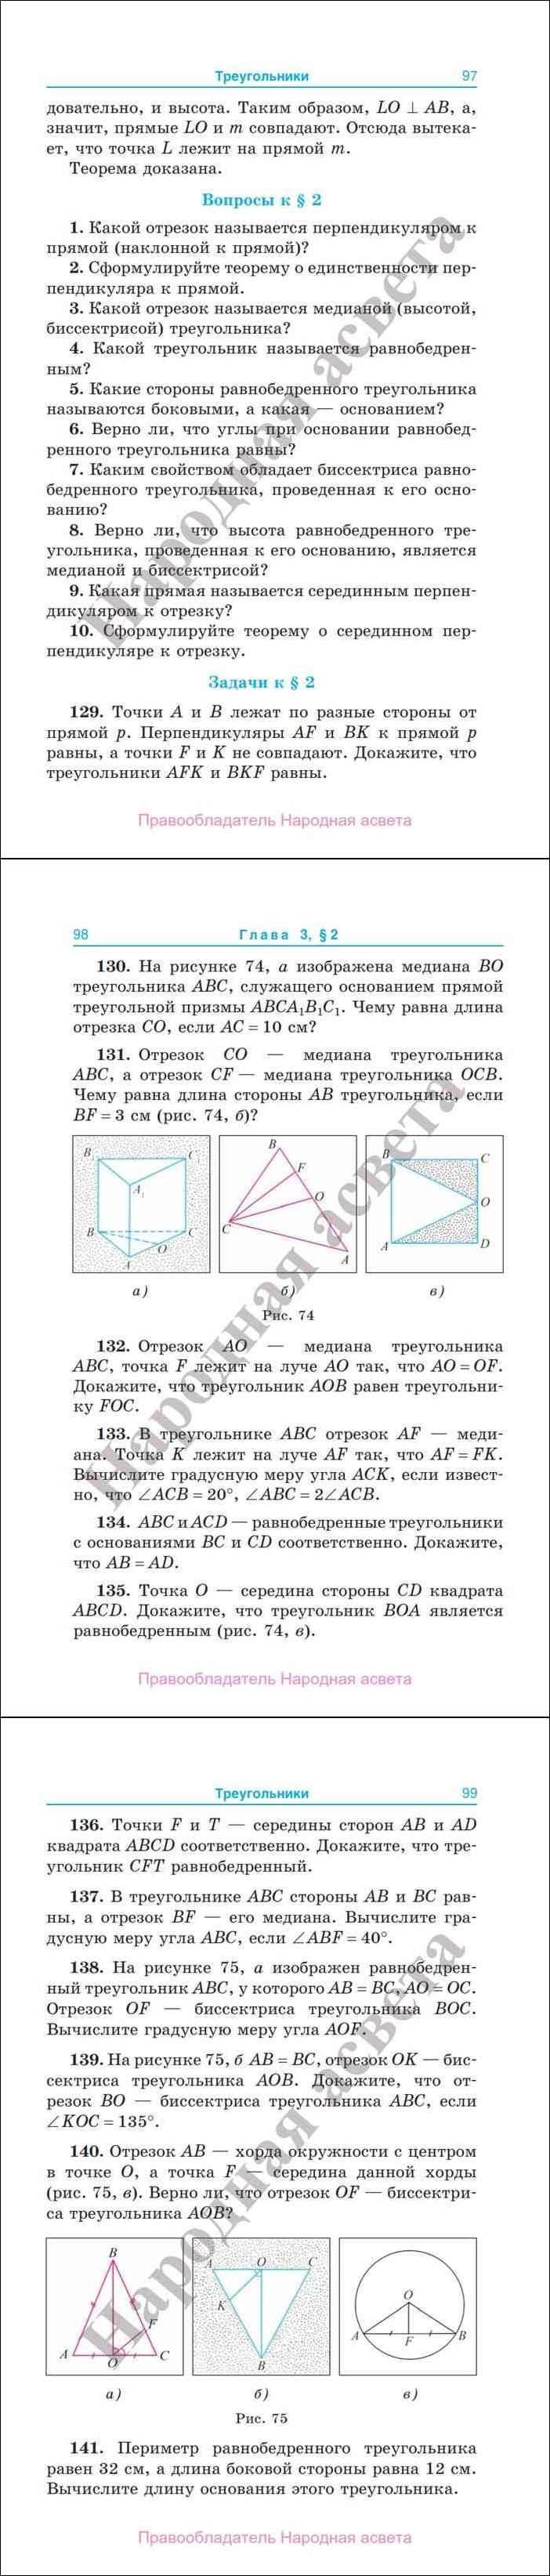 Геометрия 7 класс шлыков решение задач решения задач с помощью уравнений 3 класс